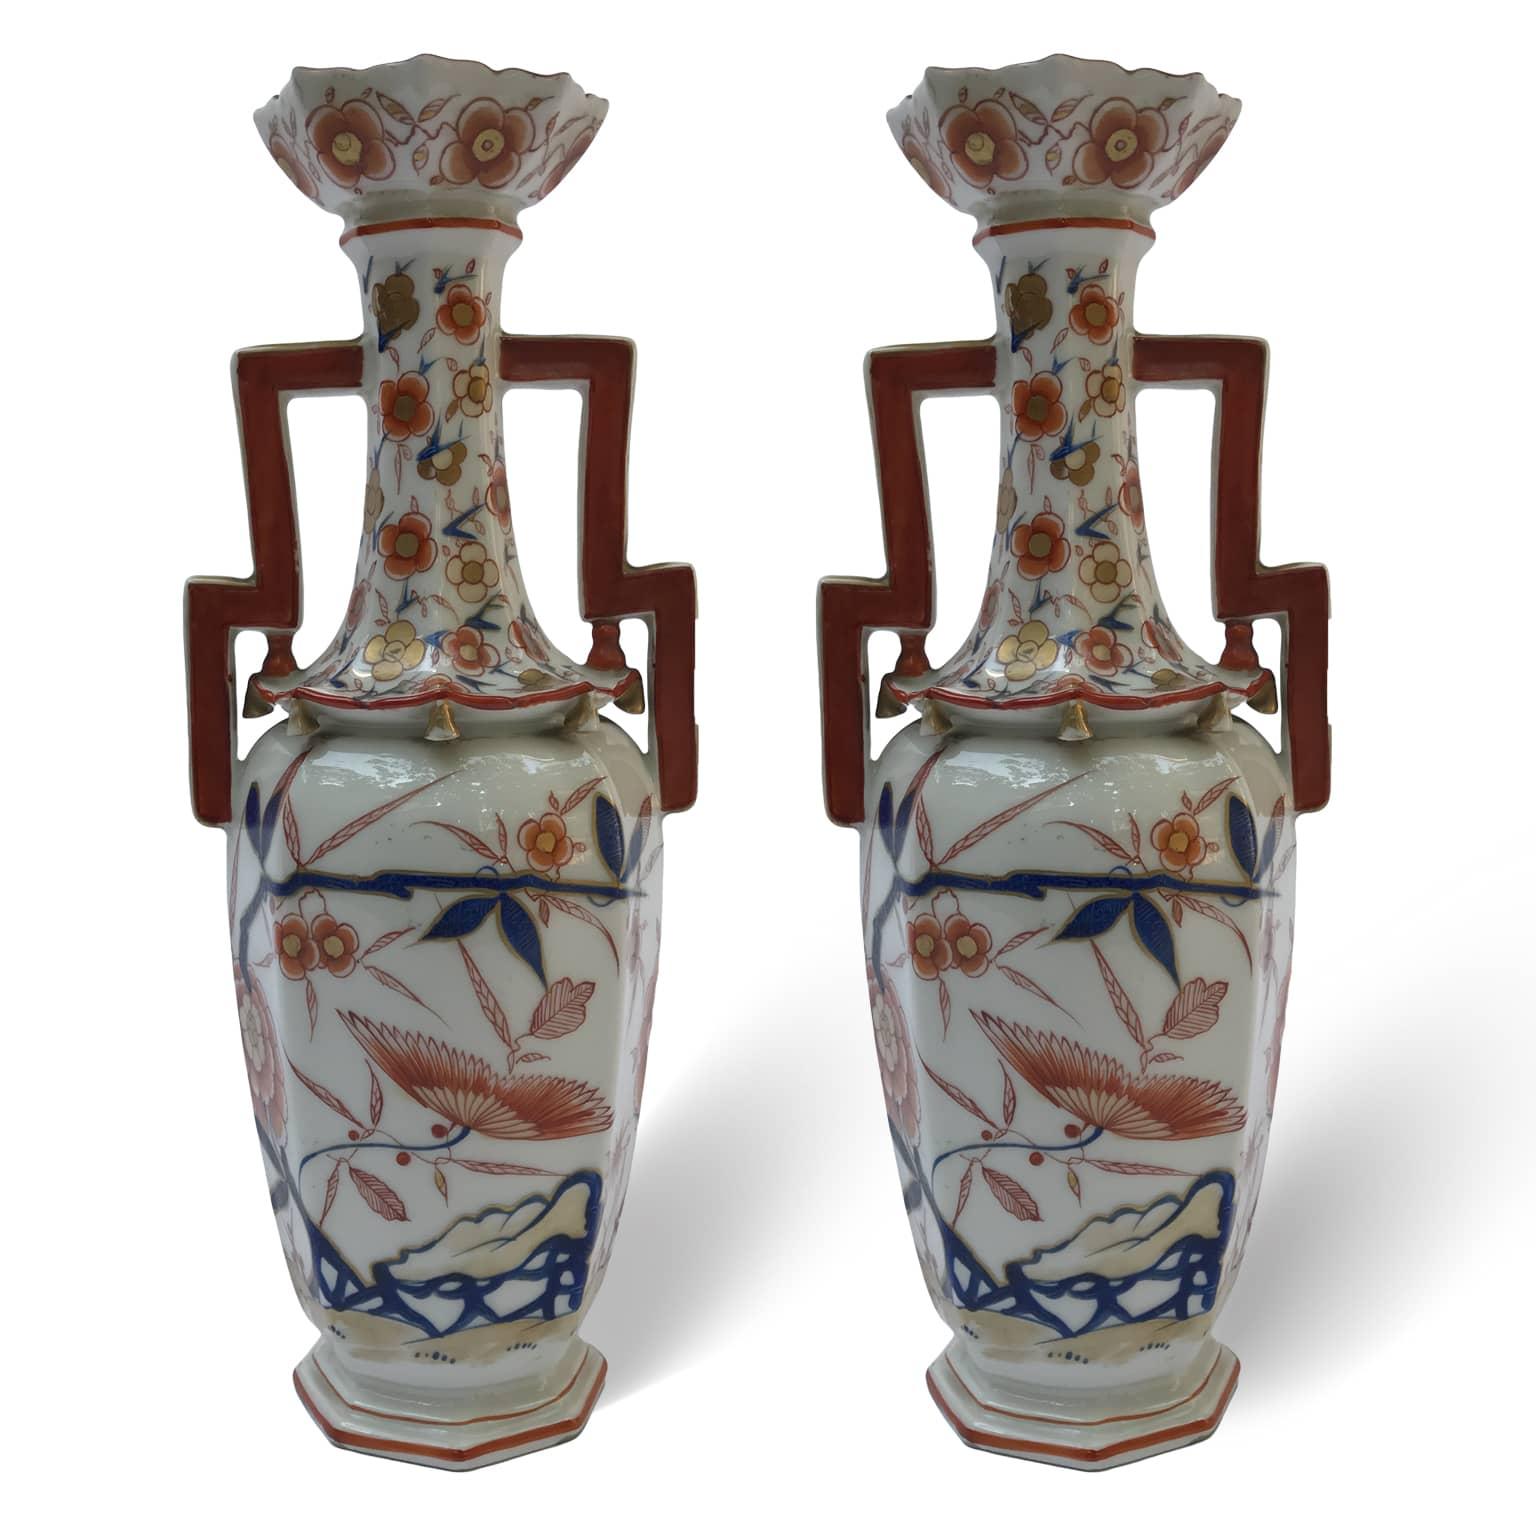 Porcellane antiche antiquariato og55 regardsdefemmes for Vasi cinesi antichi antiquariato